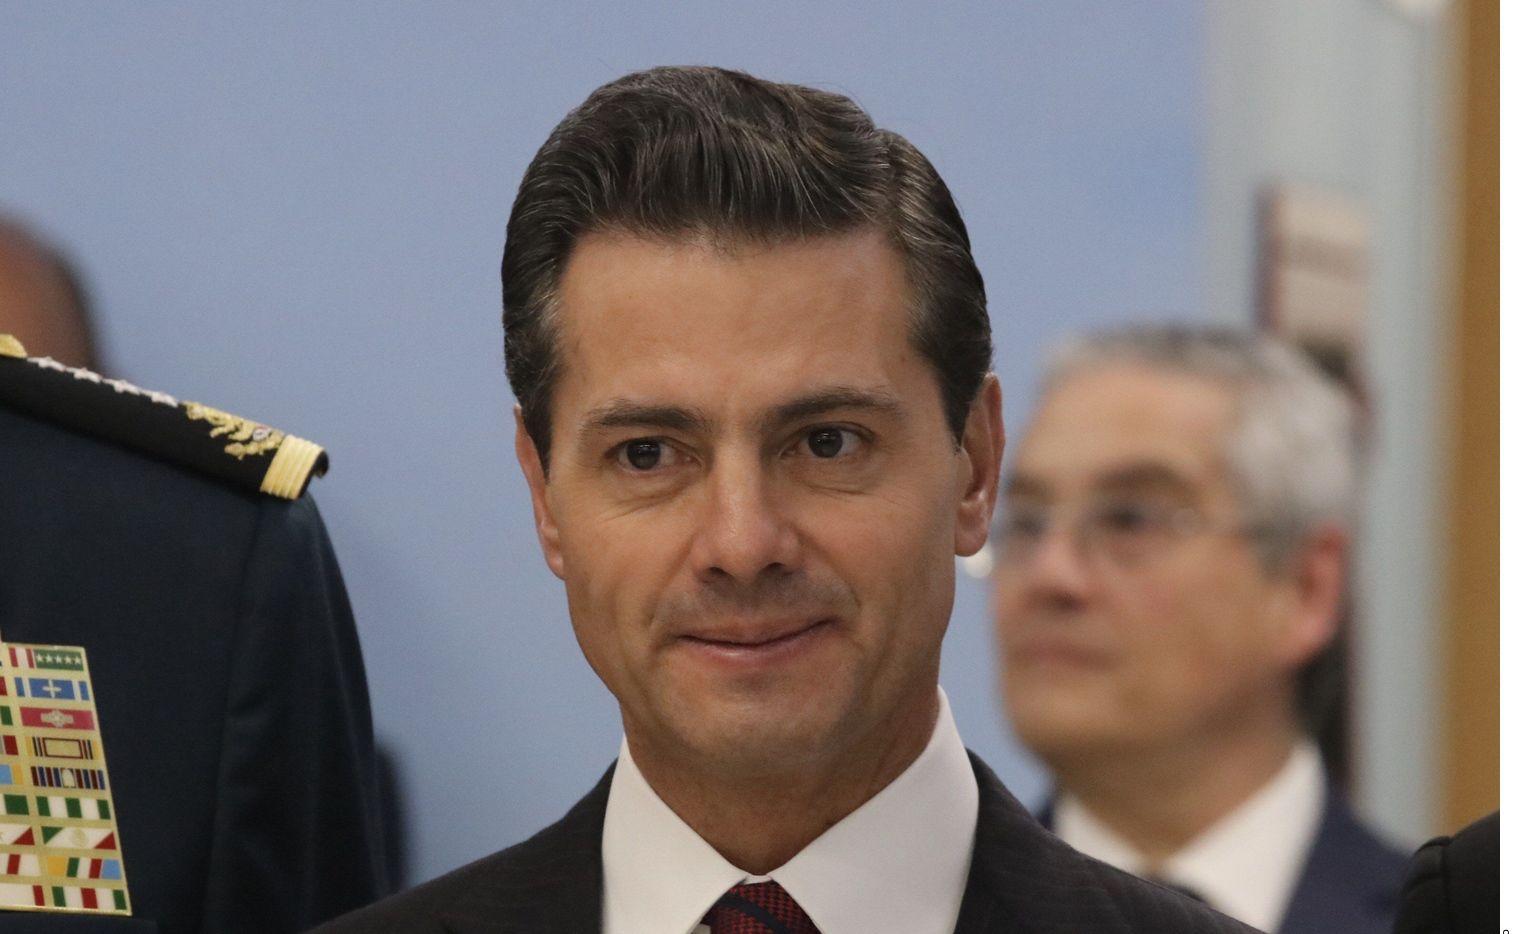 Enrique Peña Nieto reapareció este fin de semana en una boda en un exclusivo hotel de Punta Cana en República Dominicana.